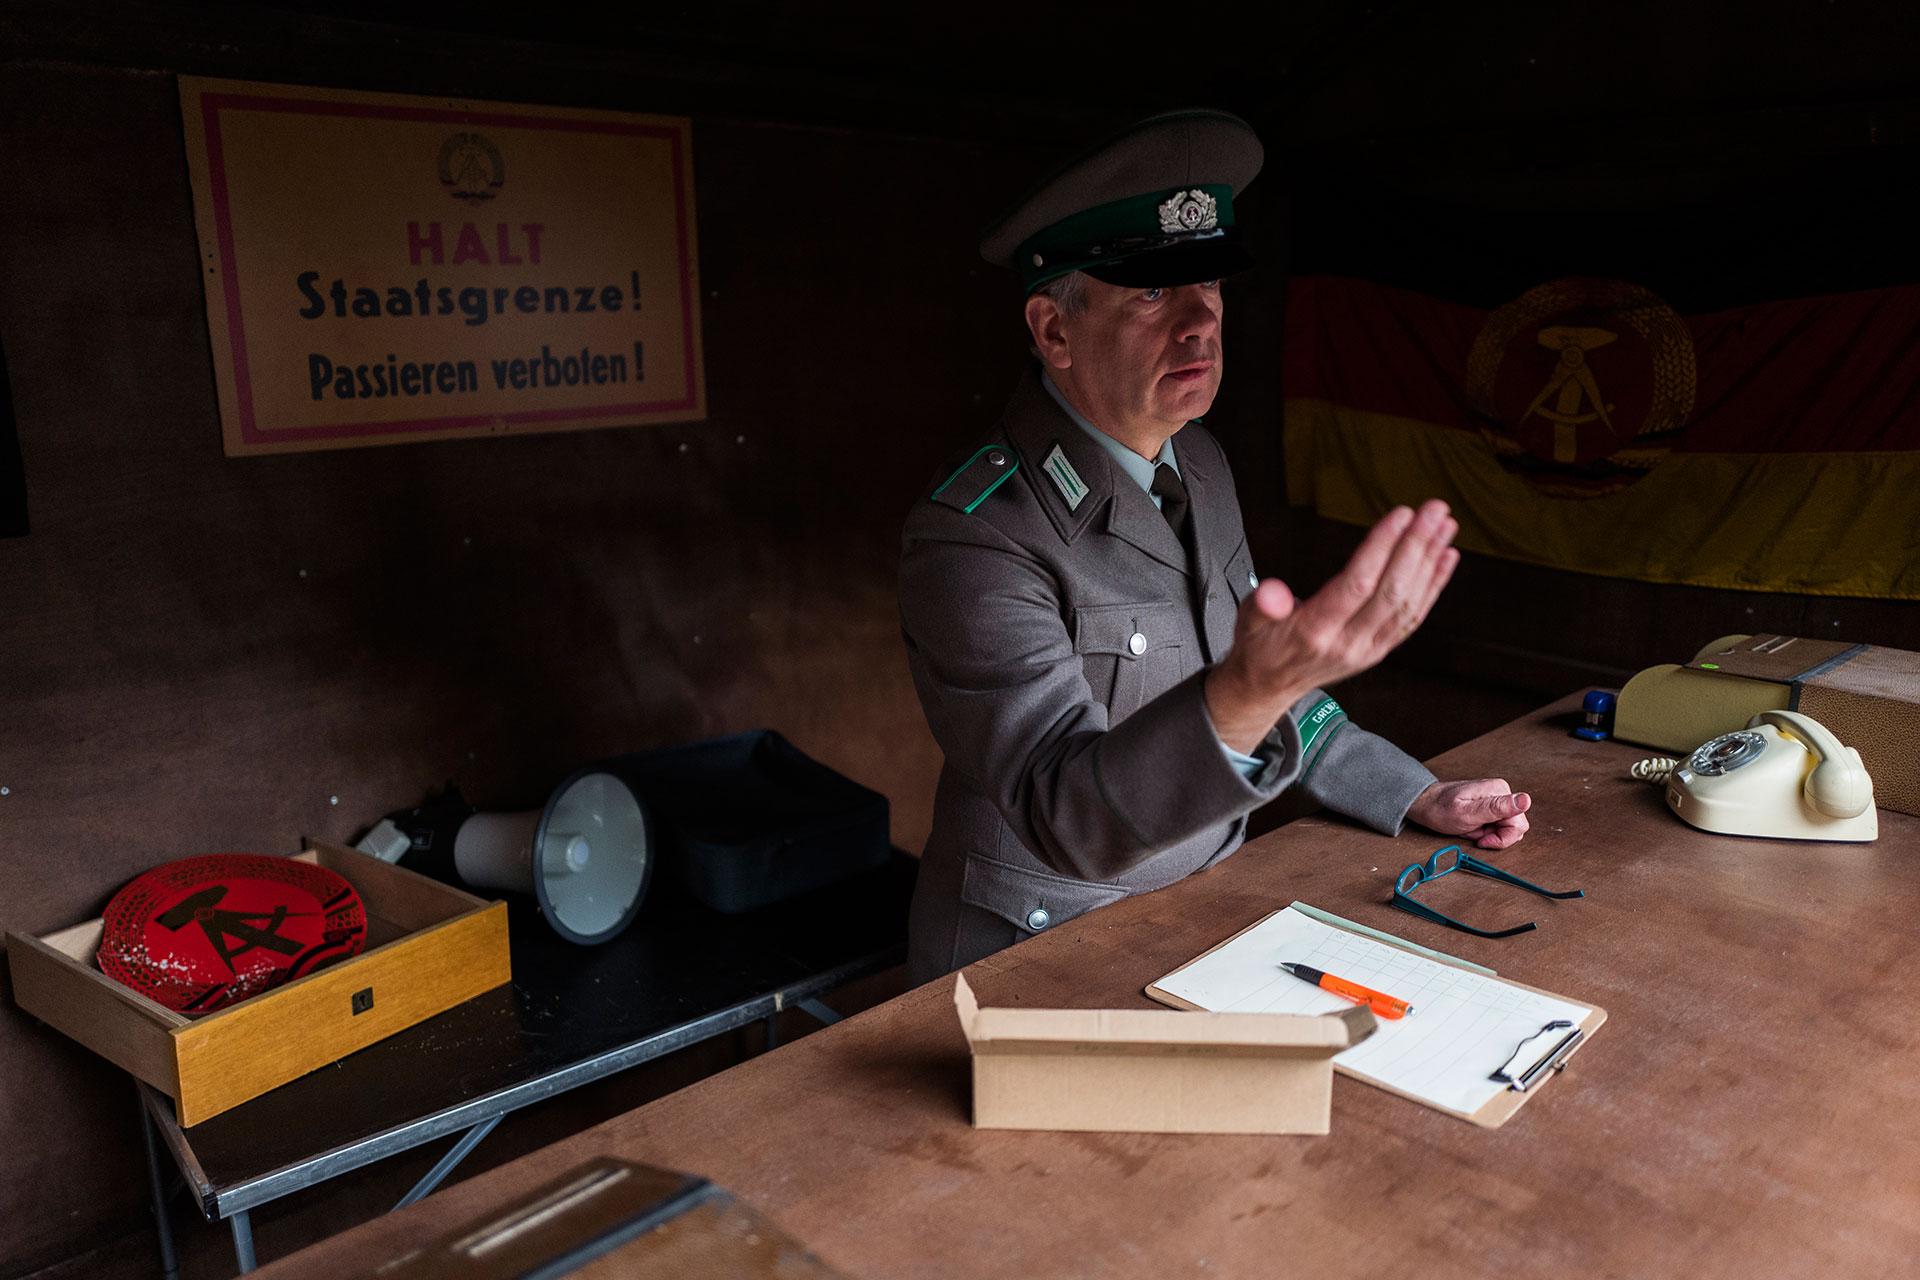 Un agente de la Stasi, la policía secreta de la República Democrática de Alemania, controla el ingreso al antiguo edificio del correo (AFP)